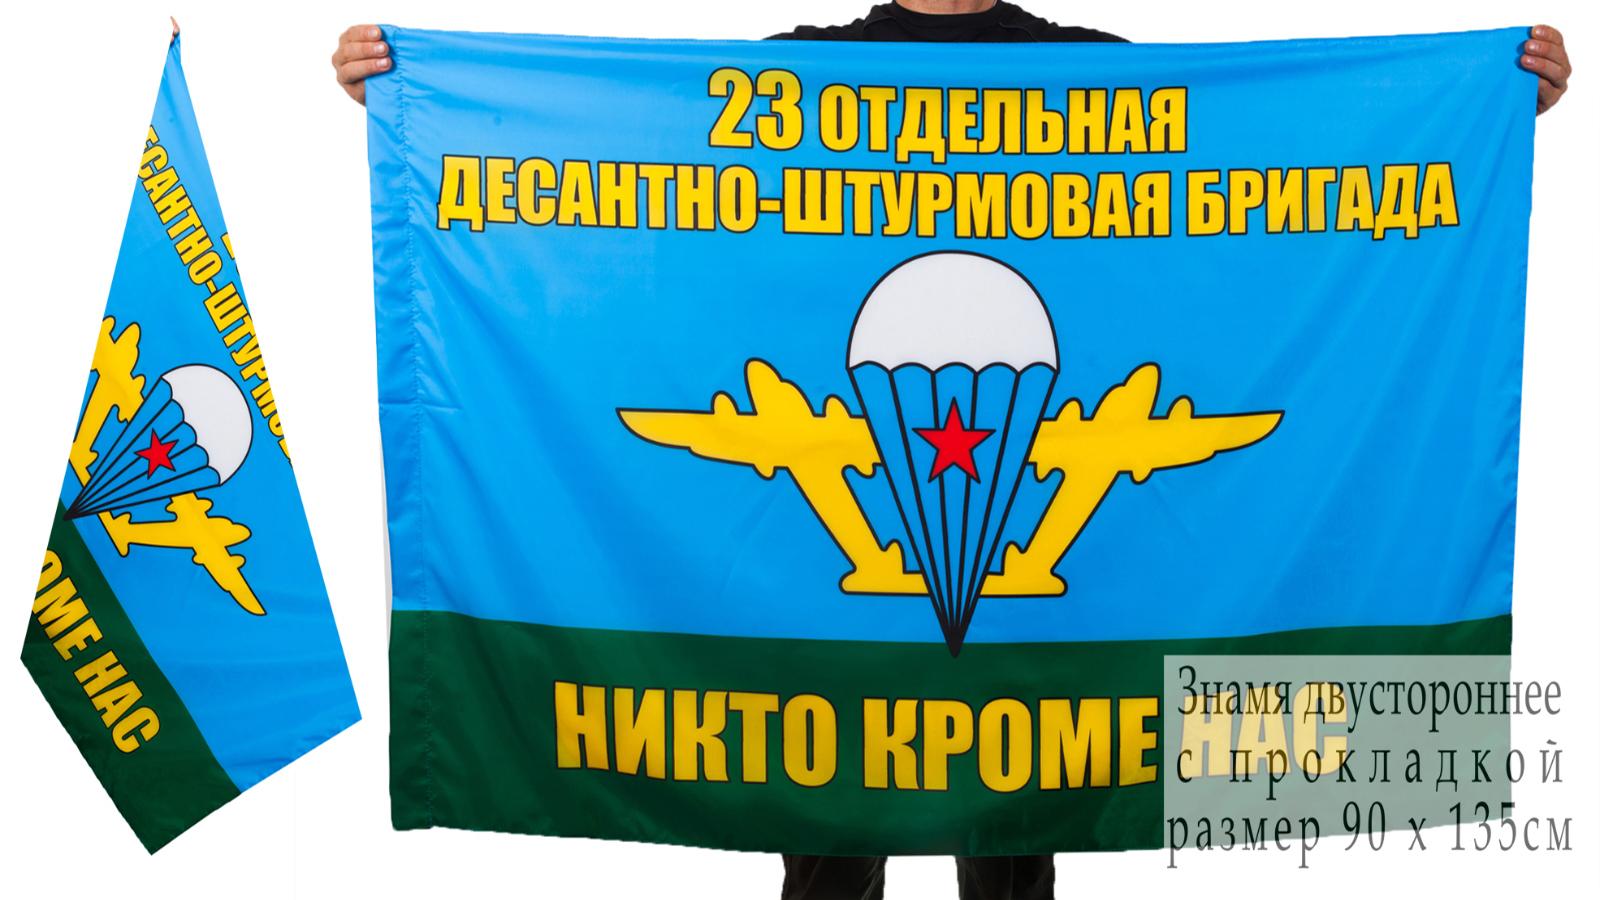 Двусторонний флаг 23-й Отдельной десантно-штурмовой бригады ВДВ